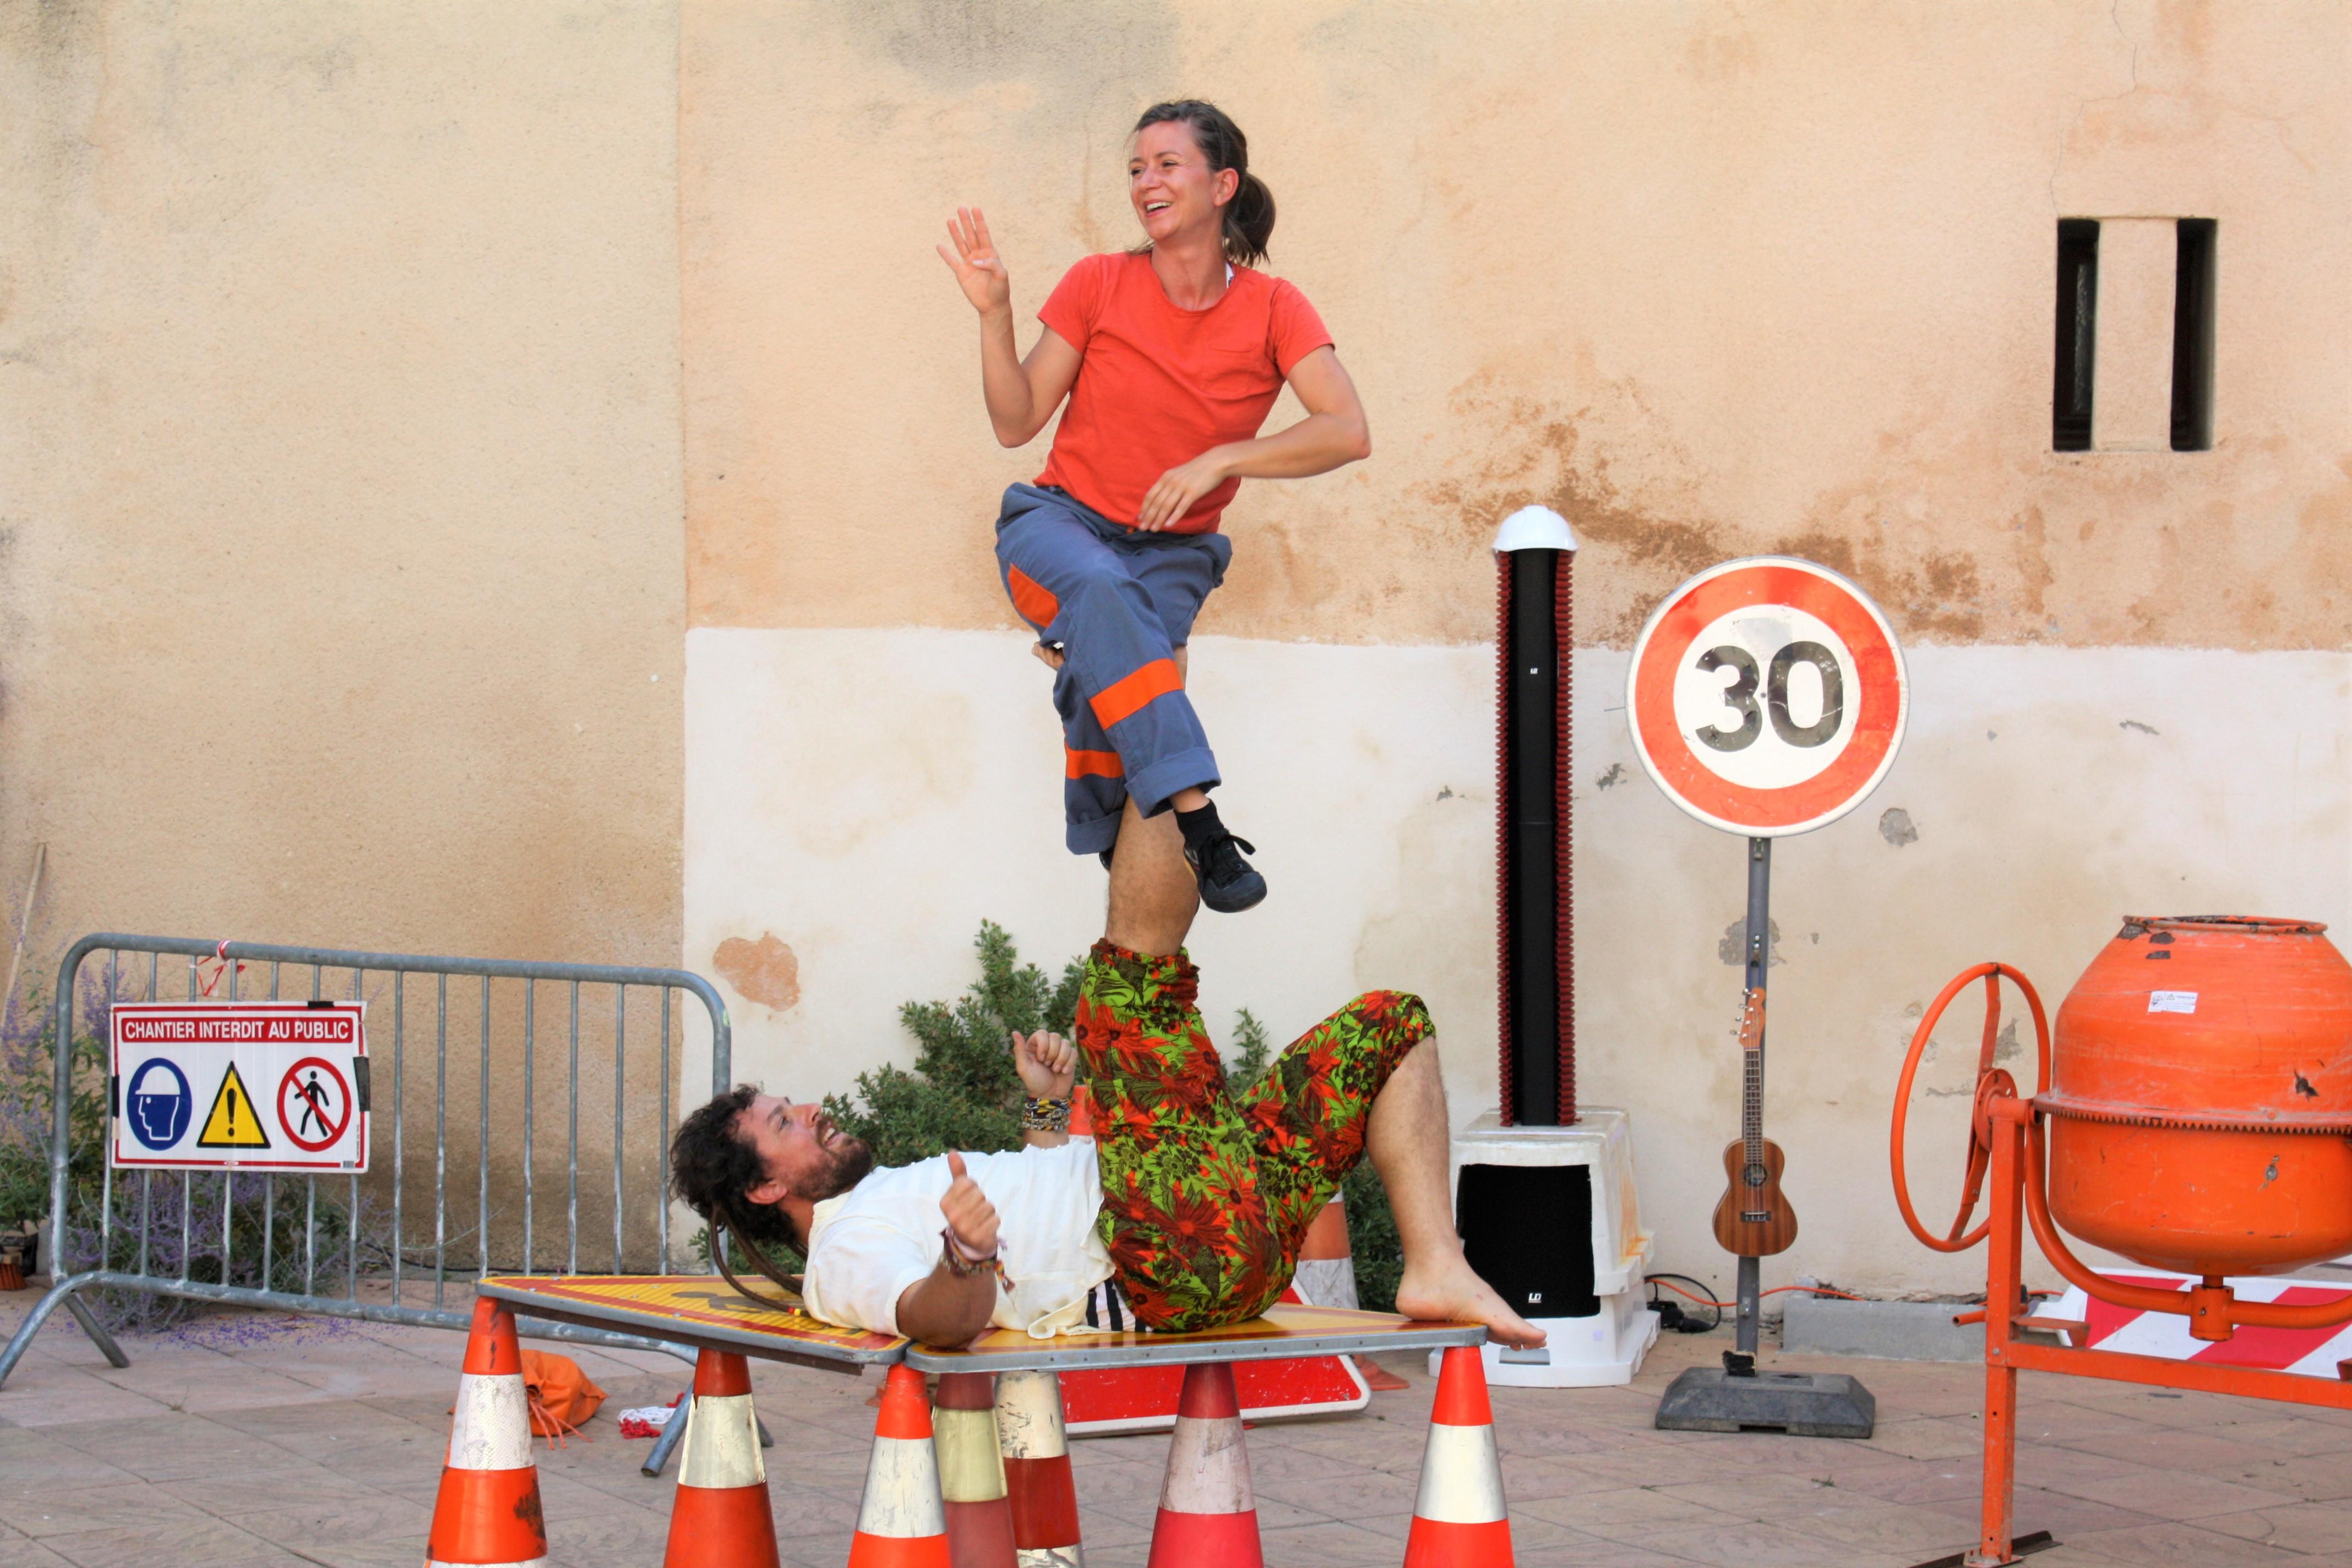 Pertuis juin 2019 - Festival Lézardons dans la rue 2019